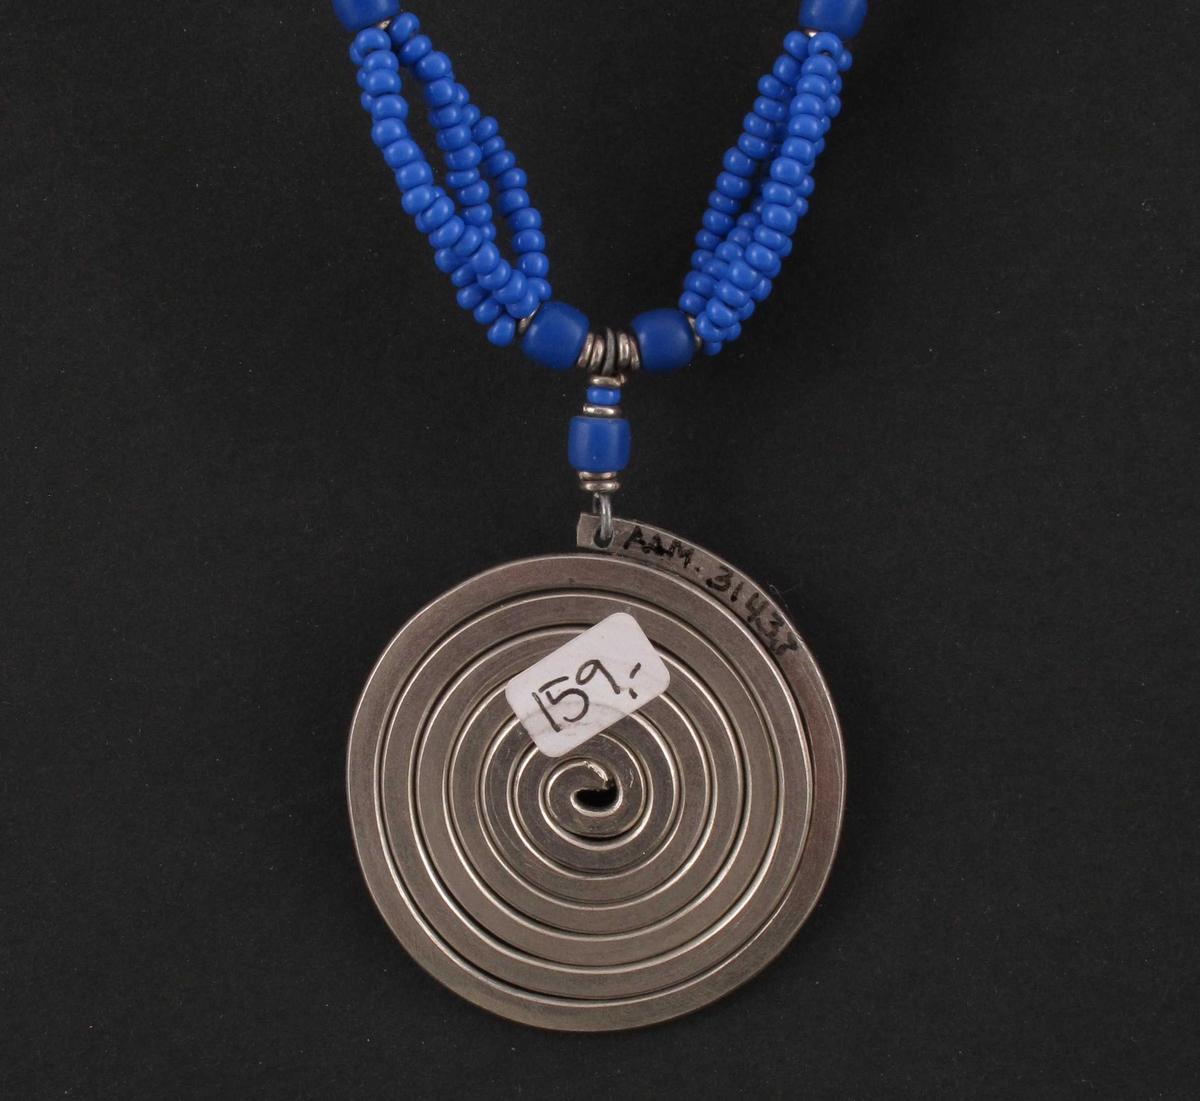 Perlekjede med anheng. Kjedet består av fire tråder med påttredde blå plastperler.  Fra låsen og 10,5 cm ned en enkelt rad perler, deretter en større perle.  Etter den fire strender med perler i en lengde på 4 cm, før de igjen samles i en større perle.  Til sammen 4 slike partier med fire strender før midten, hvor det henger et anheng i stål formet som en tett spiral.  Samme rekkefølge med perler på andre siden av spiralen.  På hver side av de blå perlene er det små sølvfargede metallringer.  Påklistret prislapp pålydende 159,-